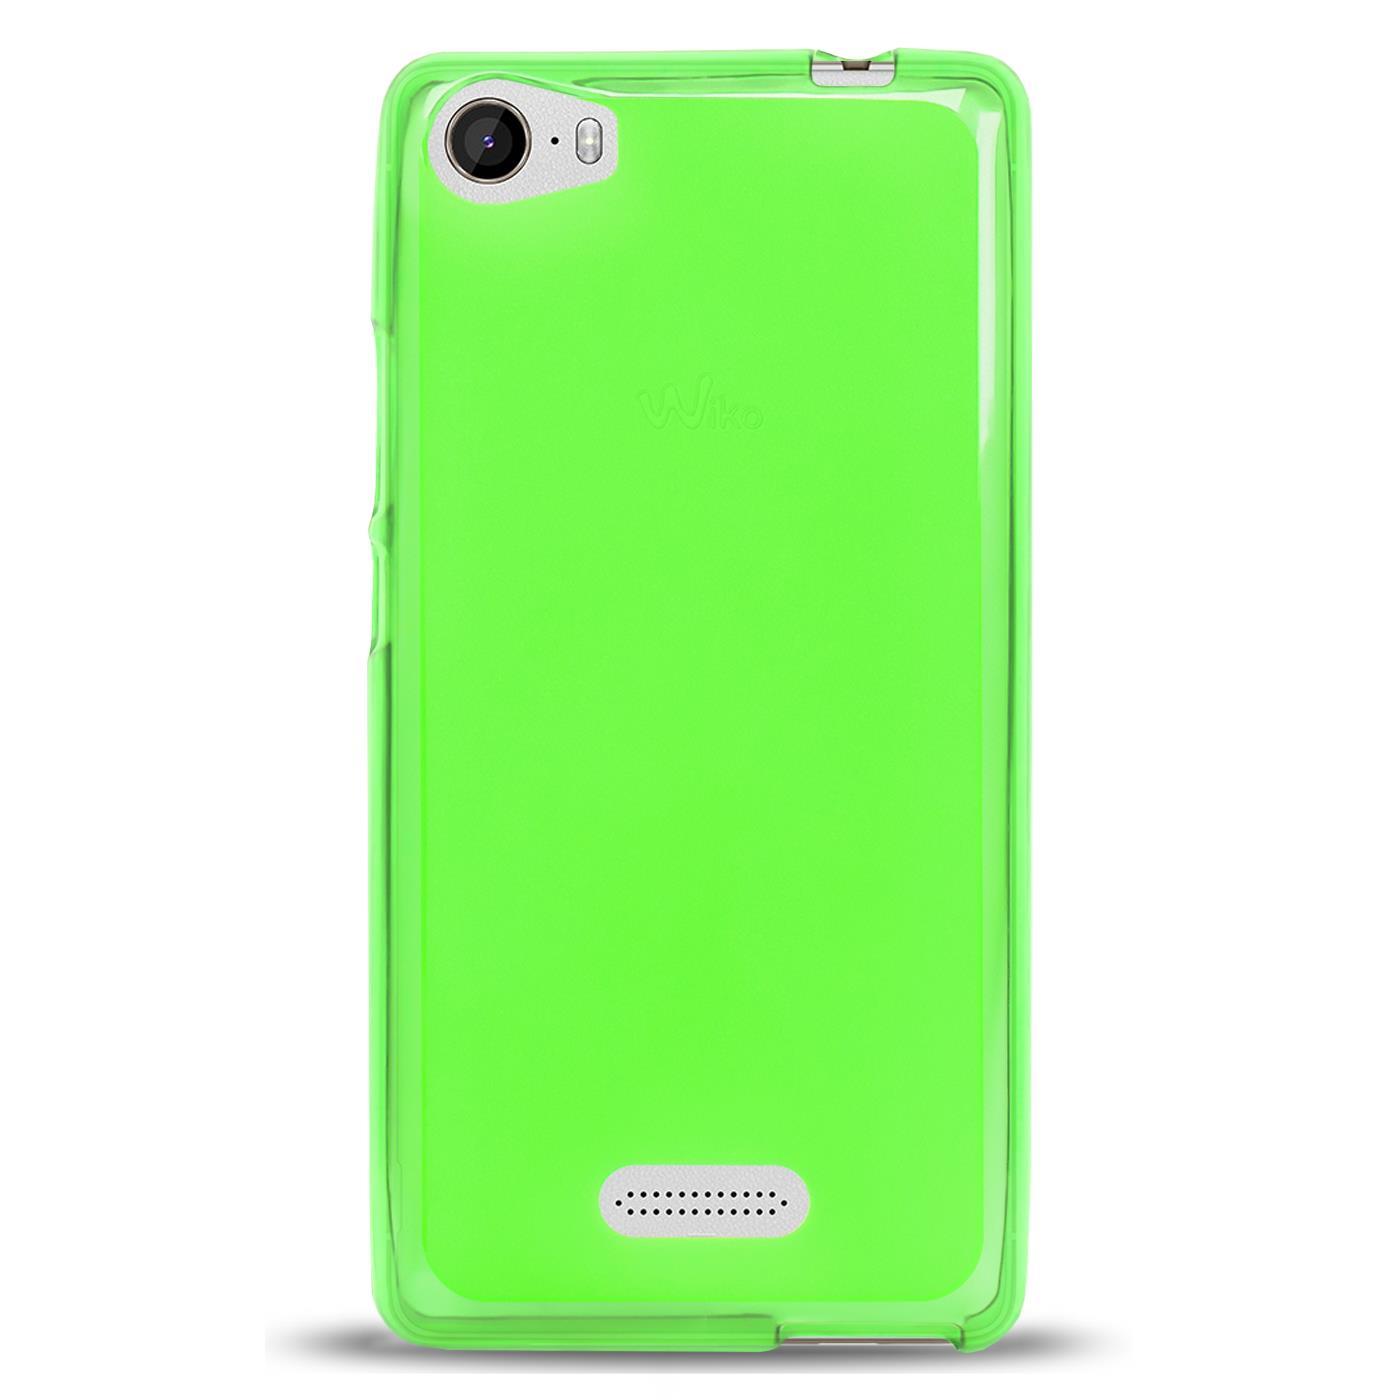 Duenn-Slim-Cover-Wiko-Fever-Handy-Huelle-Silikon-Case-Schutz-Tasche-Bumper-Gruen Indexbild 3